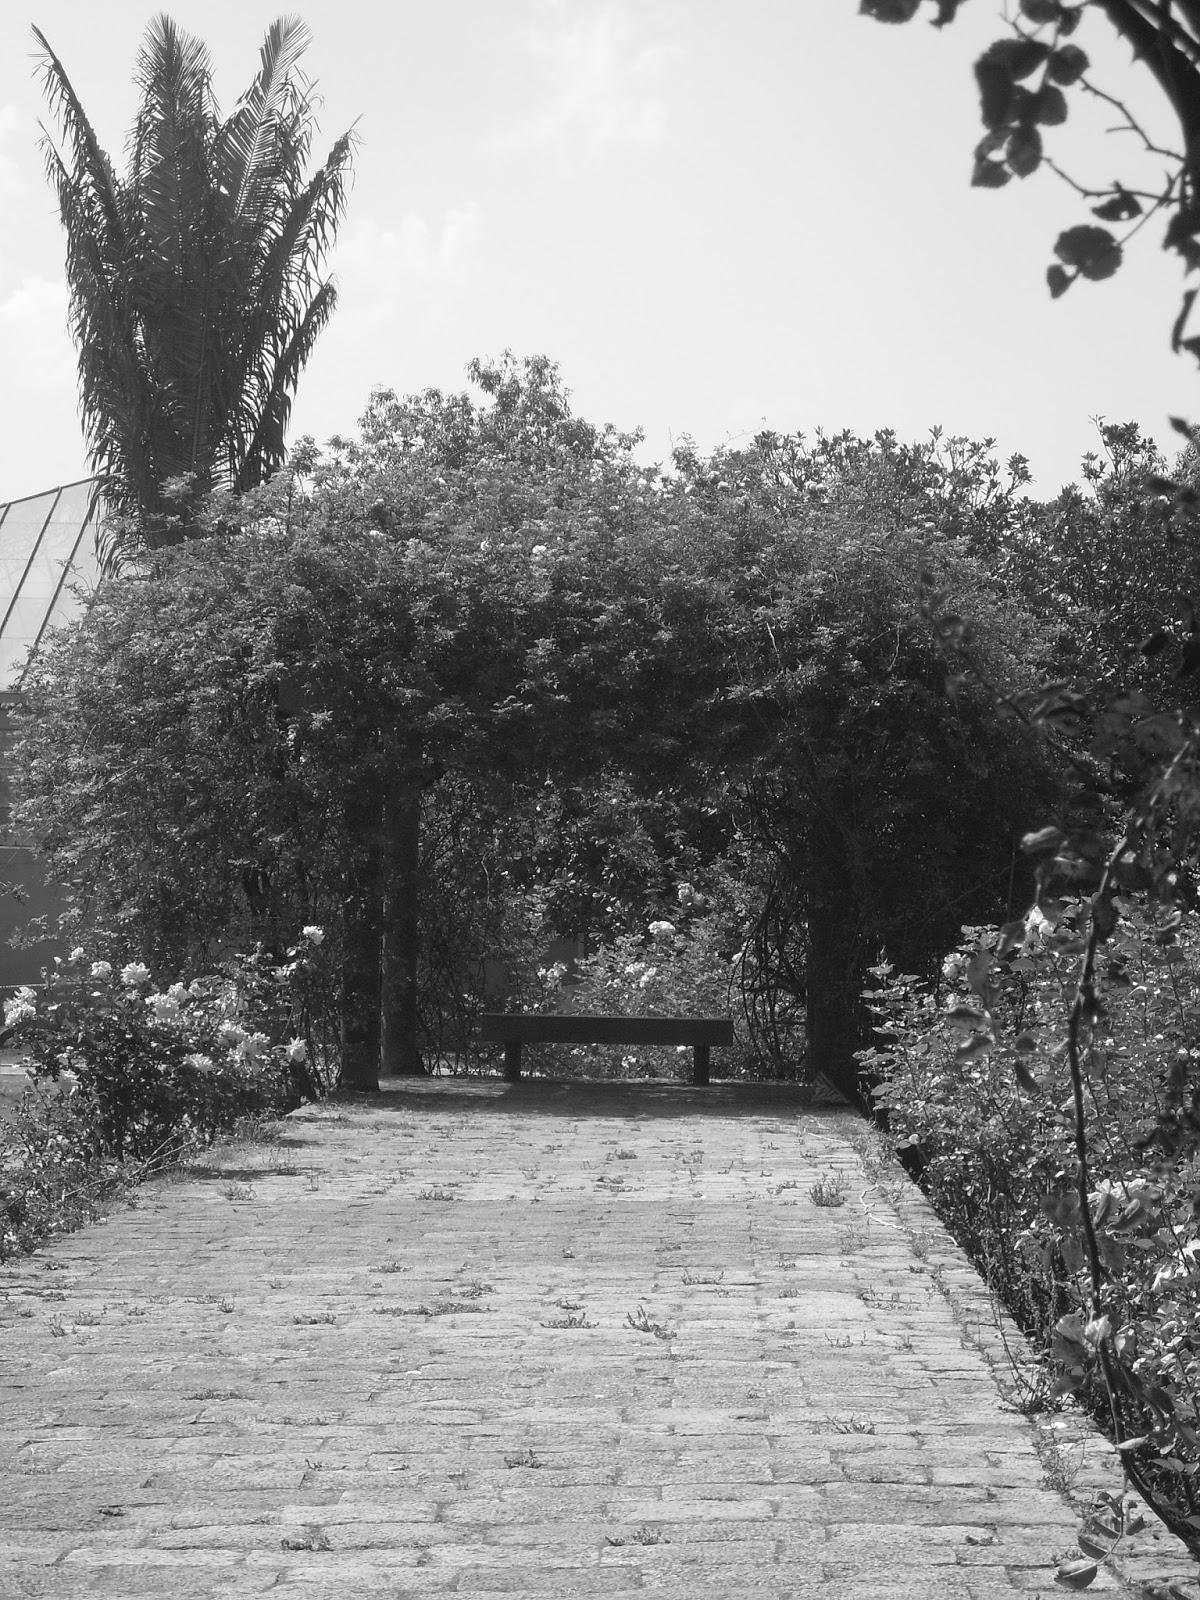 Imago y jard n bot nico en blanco y negro 2016 for Sanse 2016 jardin botanico